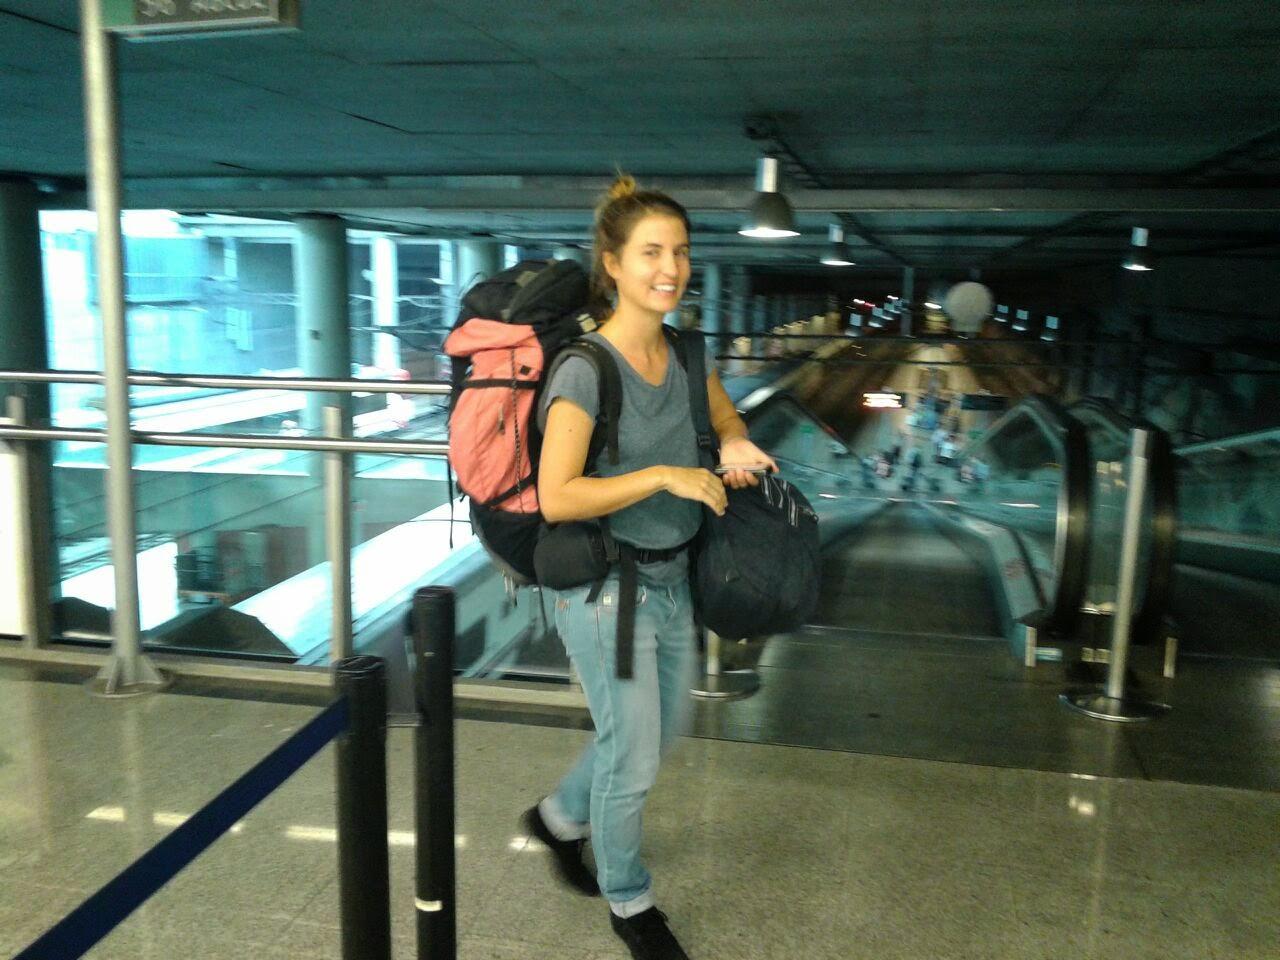 Fotografía en la estación de tren con la mochila puesta